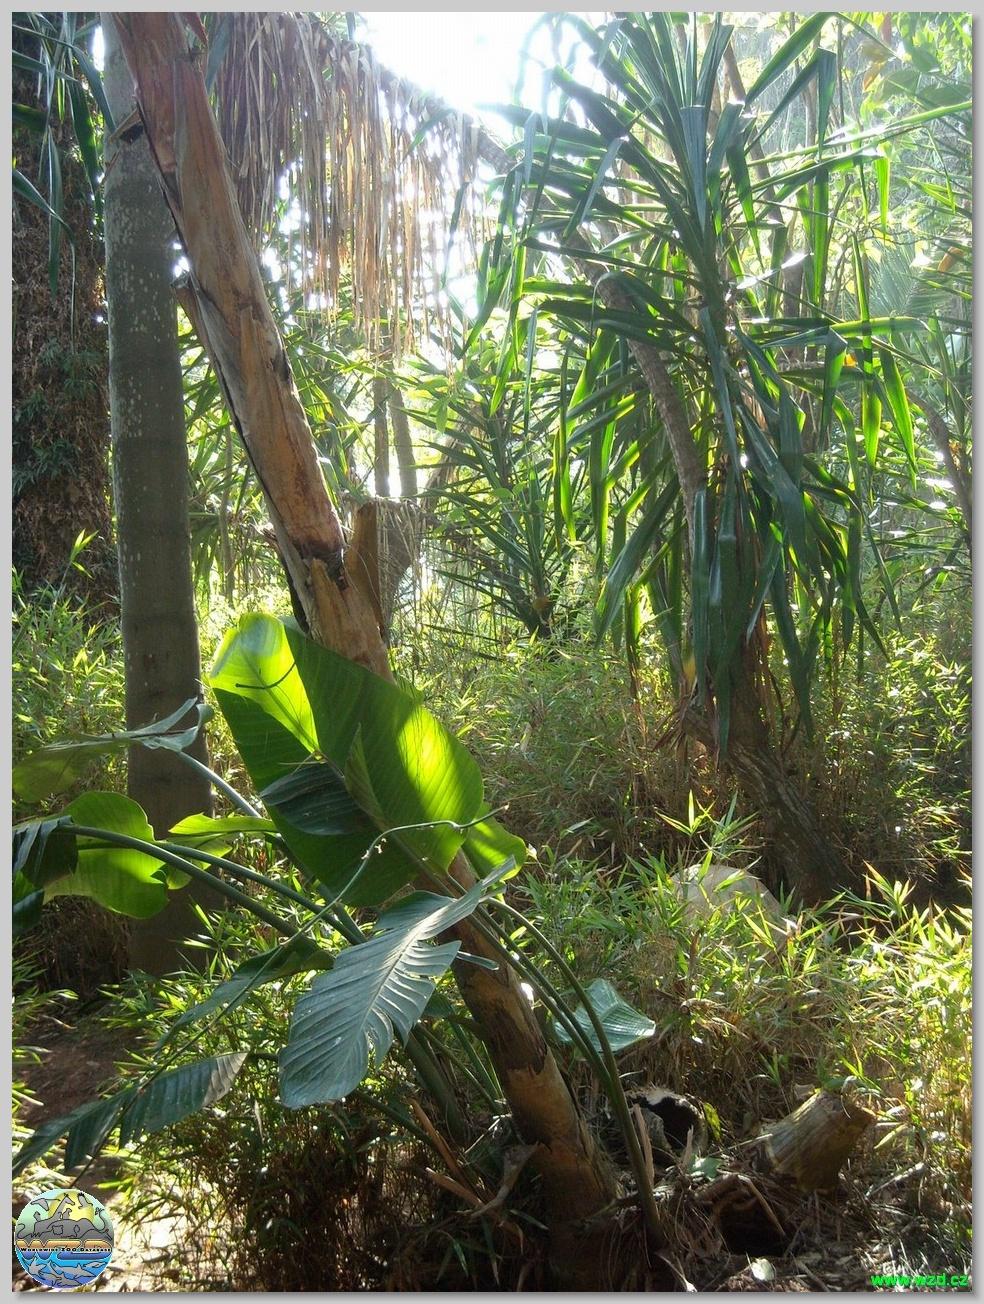 Les jardins exotiques de sidi bouknadel - Photo de jardin exotique ...